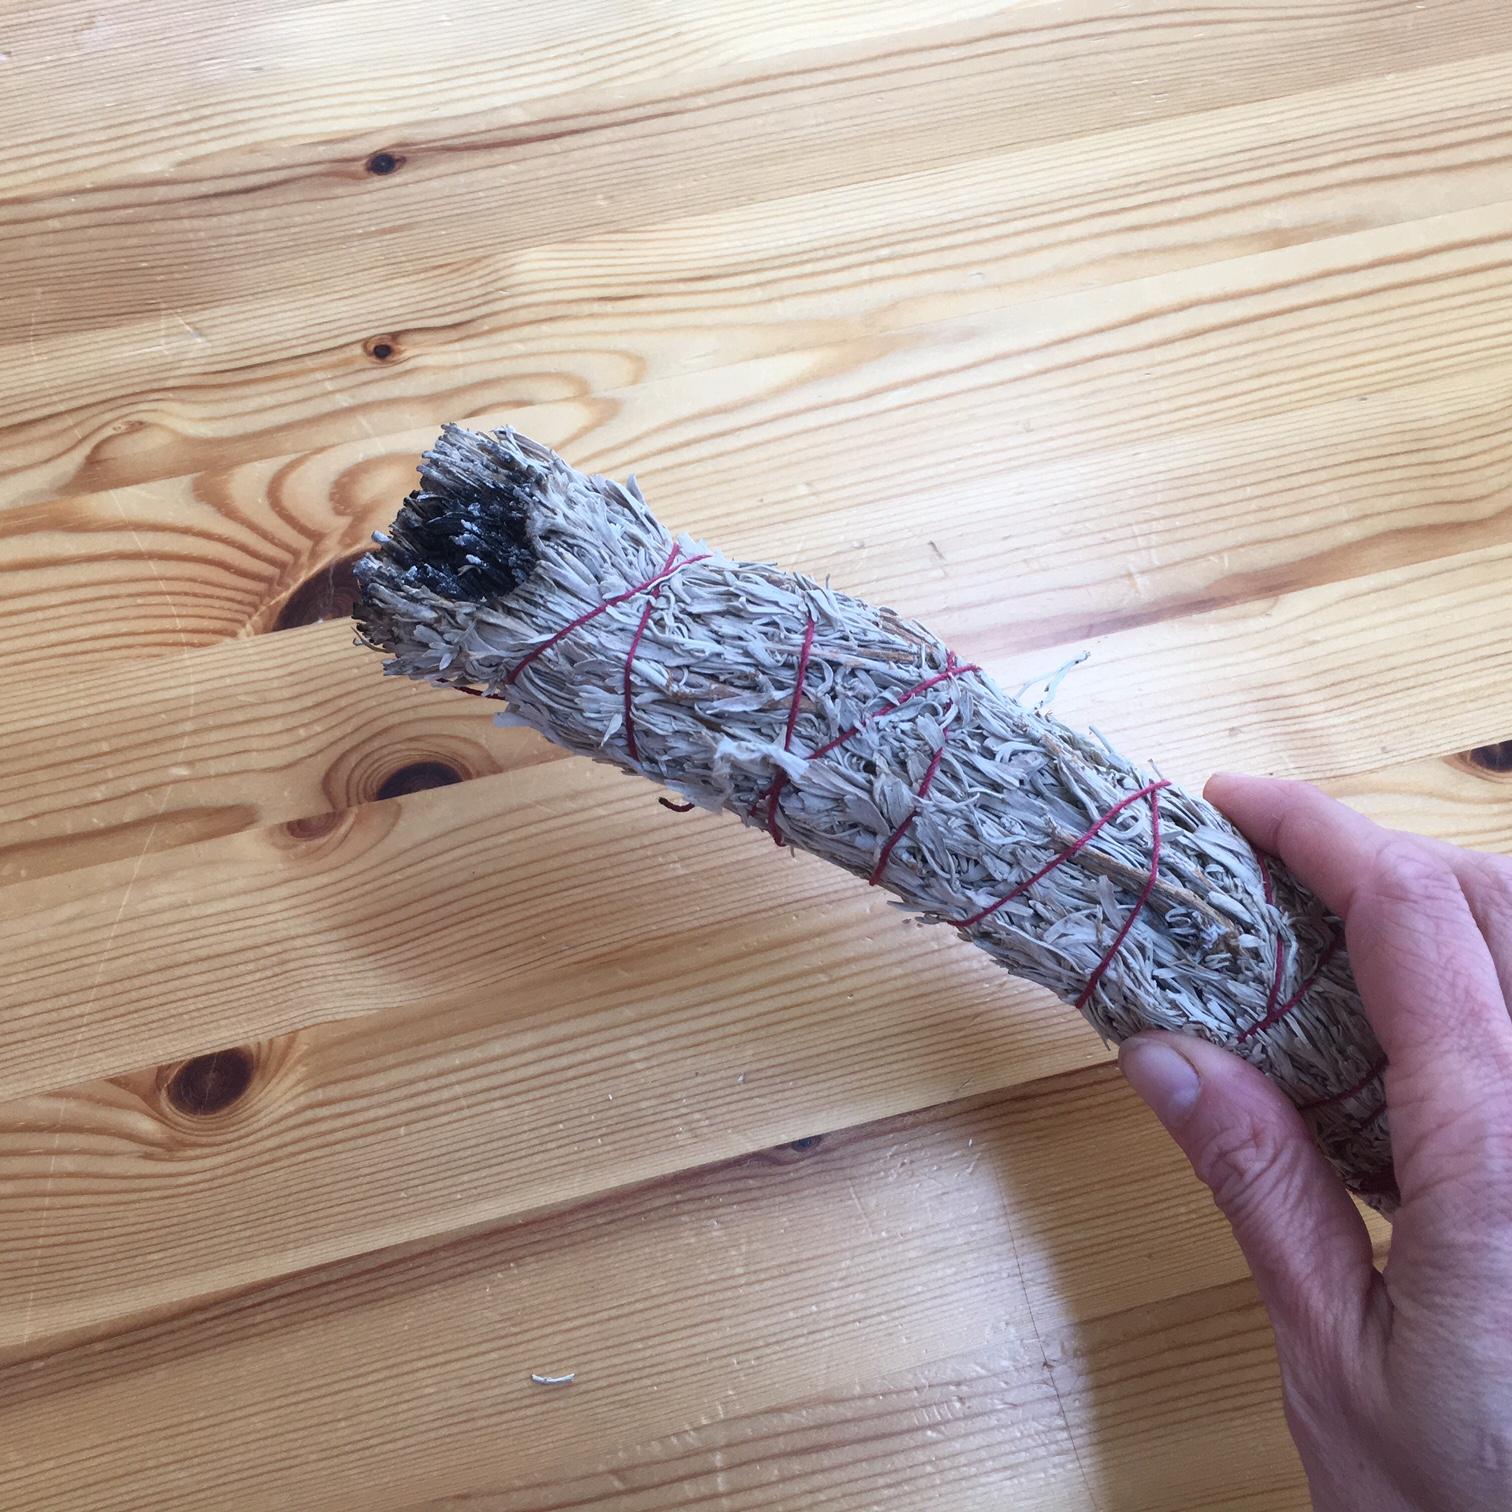 clary sage smoking